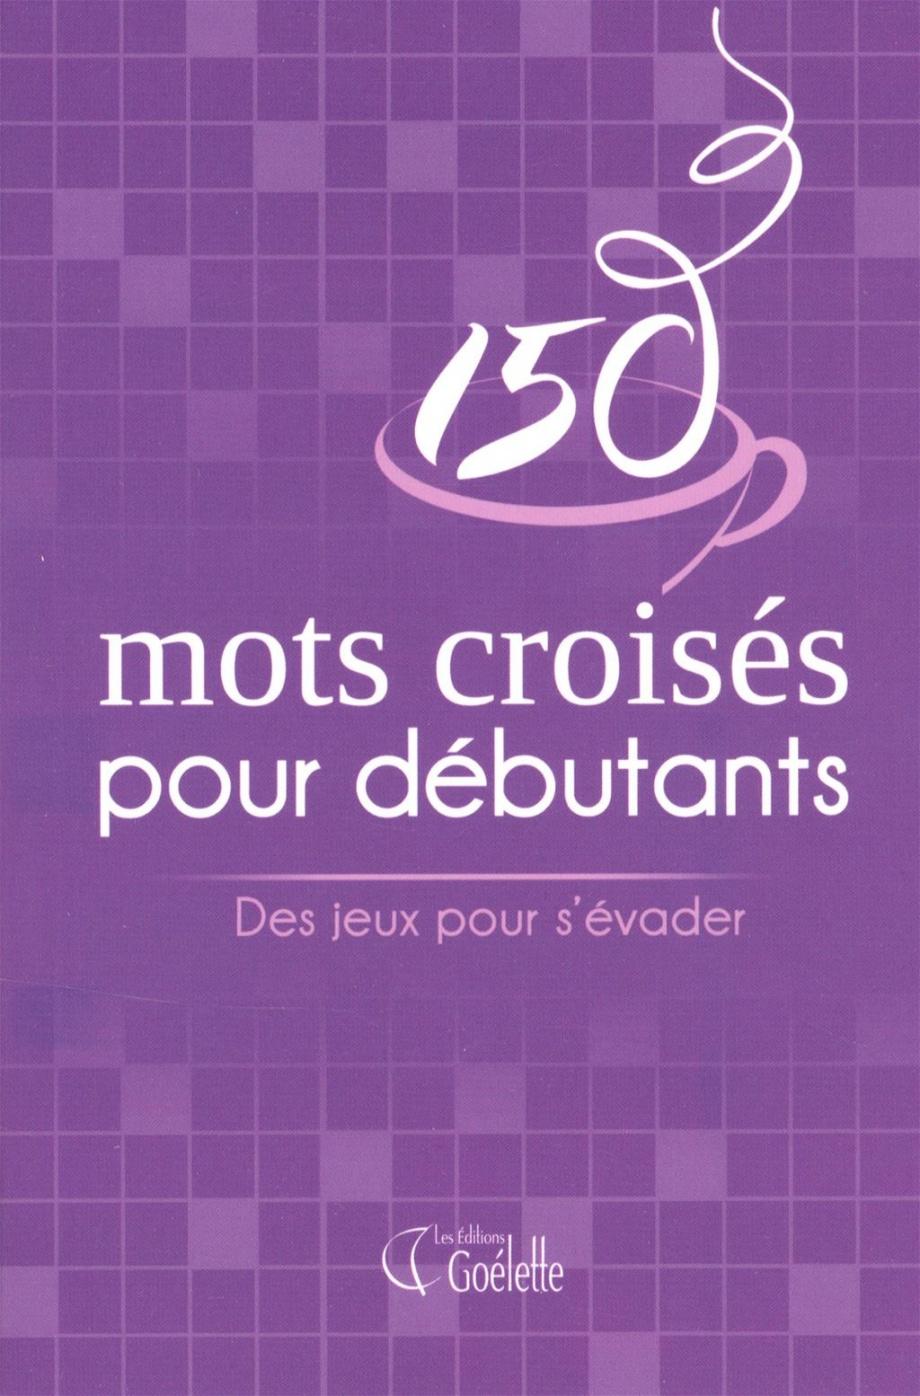 150 Mots Croisés Pour Débutants | Loisirs | Jeux De Lettres encequiconcerne Mots Croisés Pour Débutants